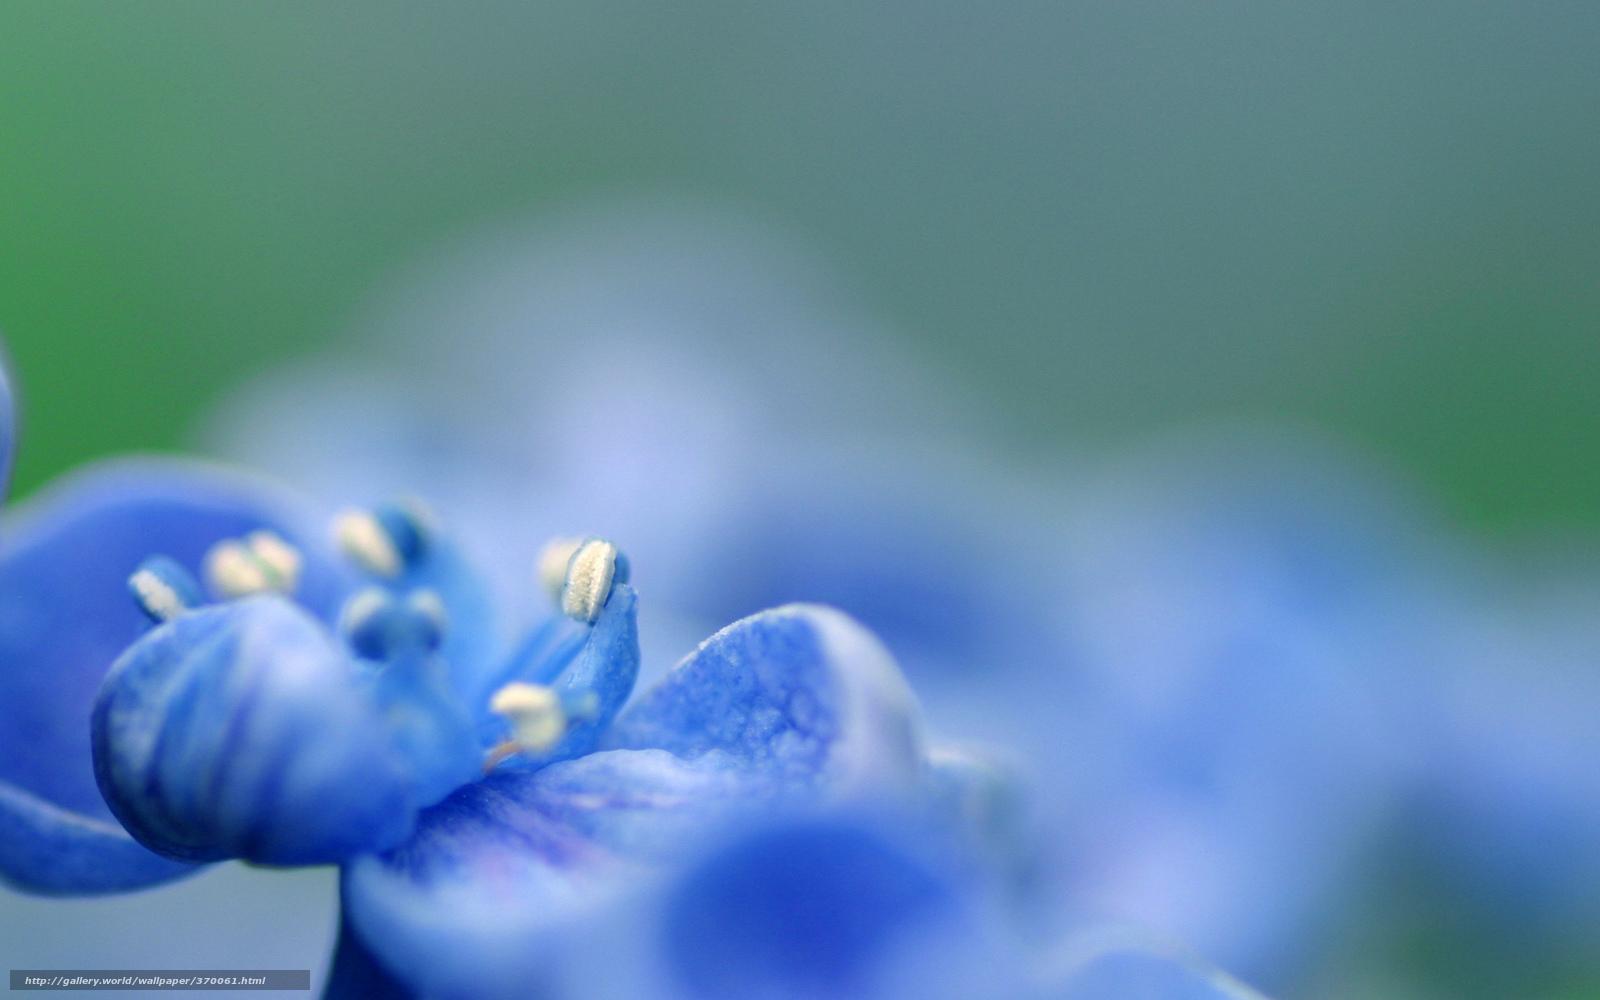 tlcharger fond d 39 ecran fleur bleu bleu couleur fonds d 39 ecran gratuits pour votre rsolution du. Black Bedroom Furniture Sets. Home Design Ideas